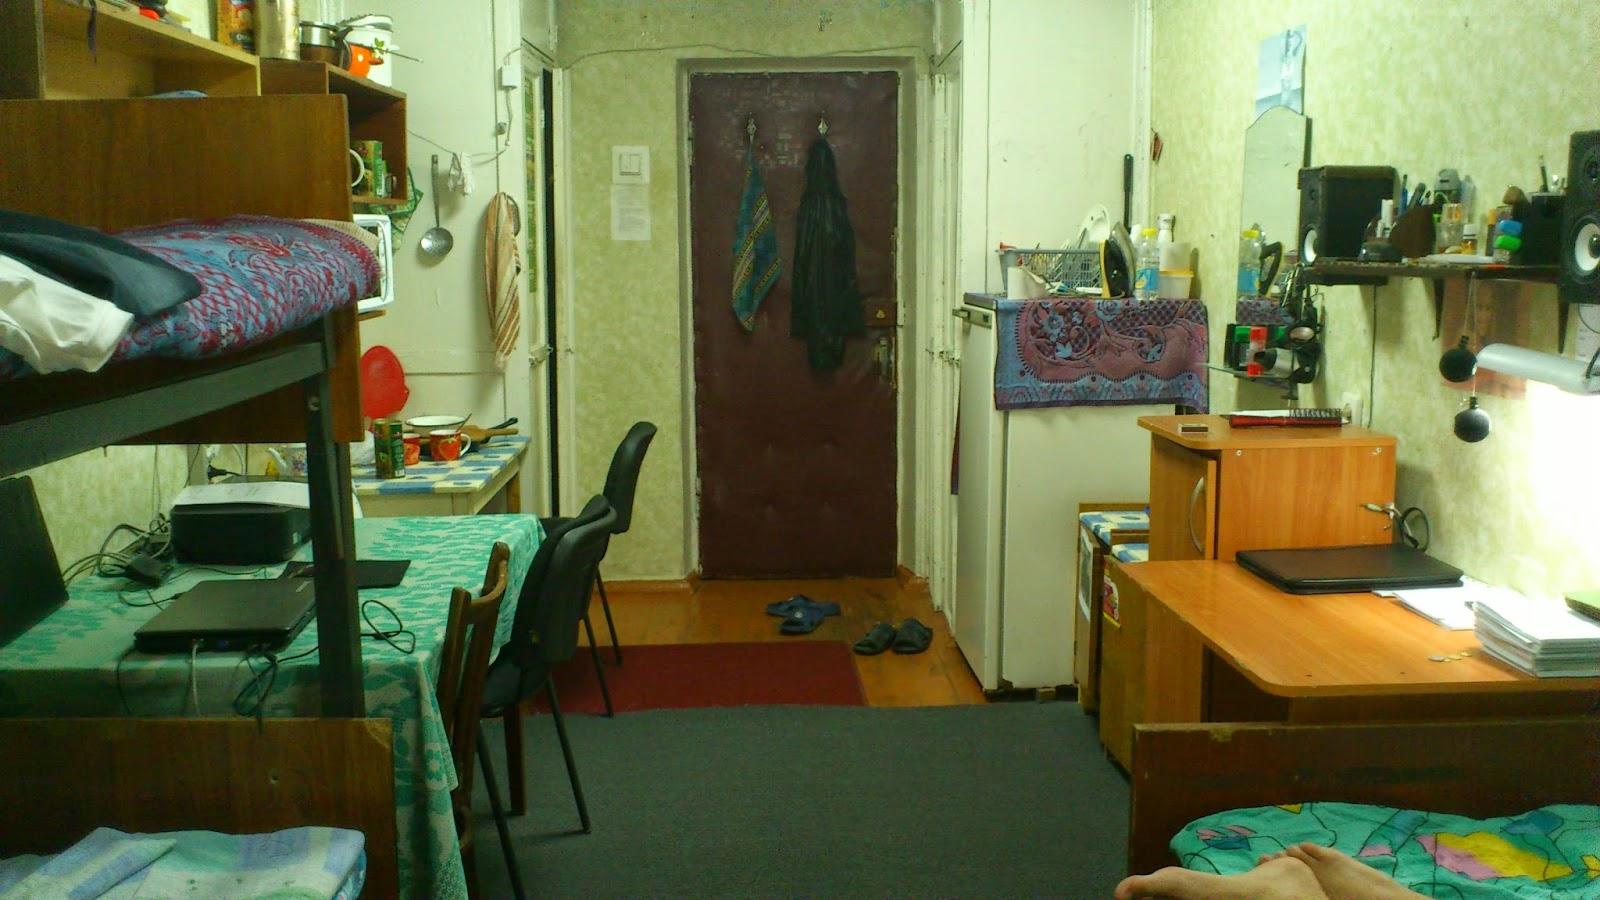 Секс студентов в общежитии, Русское порно в общаге - секс студентов в общежитии 2 фотография